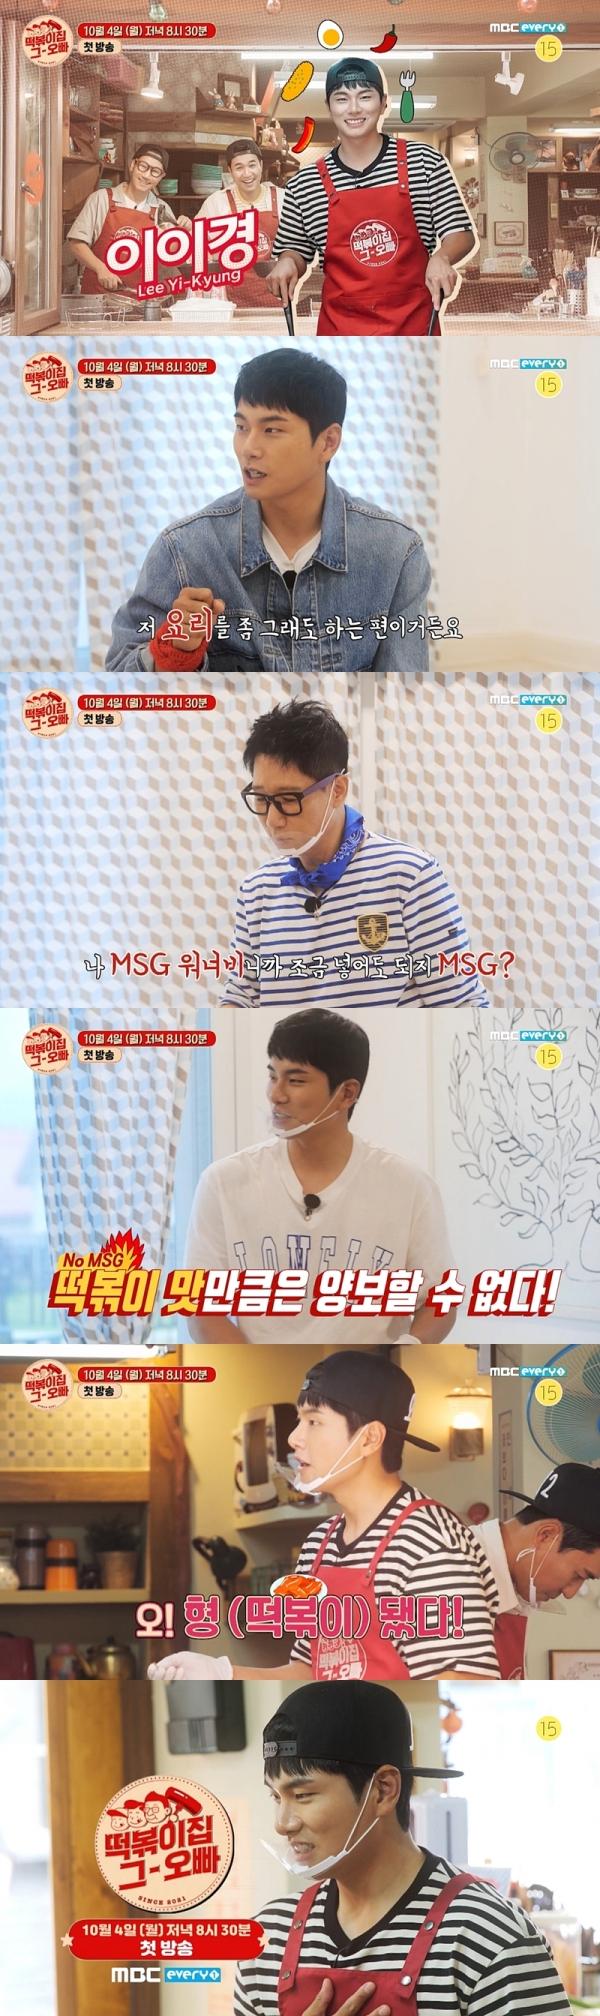 사진제공 = MBC에브리원 '떡볶이집 그 오빠' 캐릭터 예고 캡처